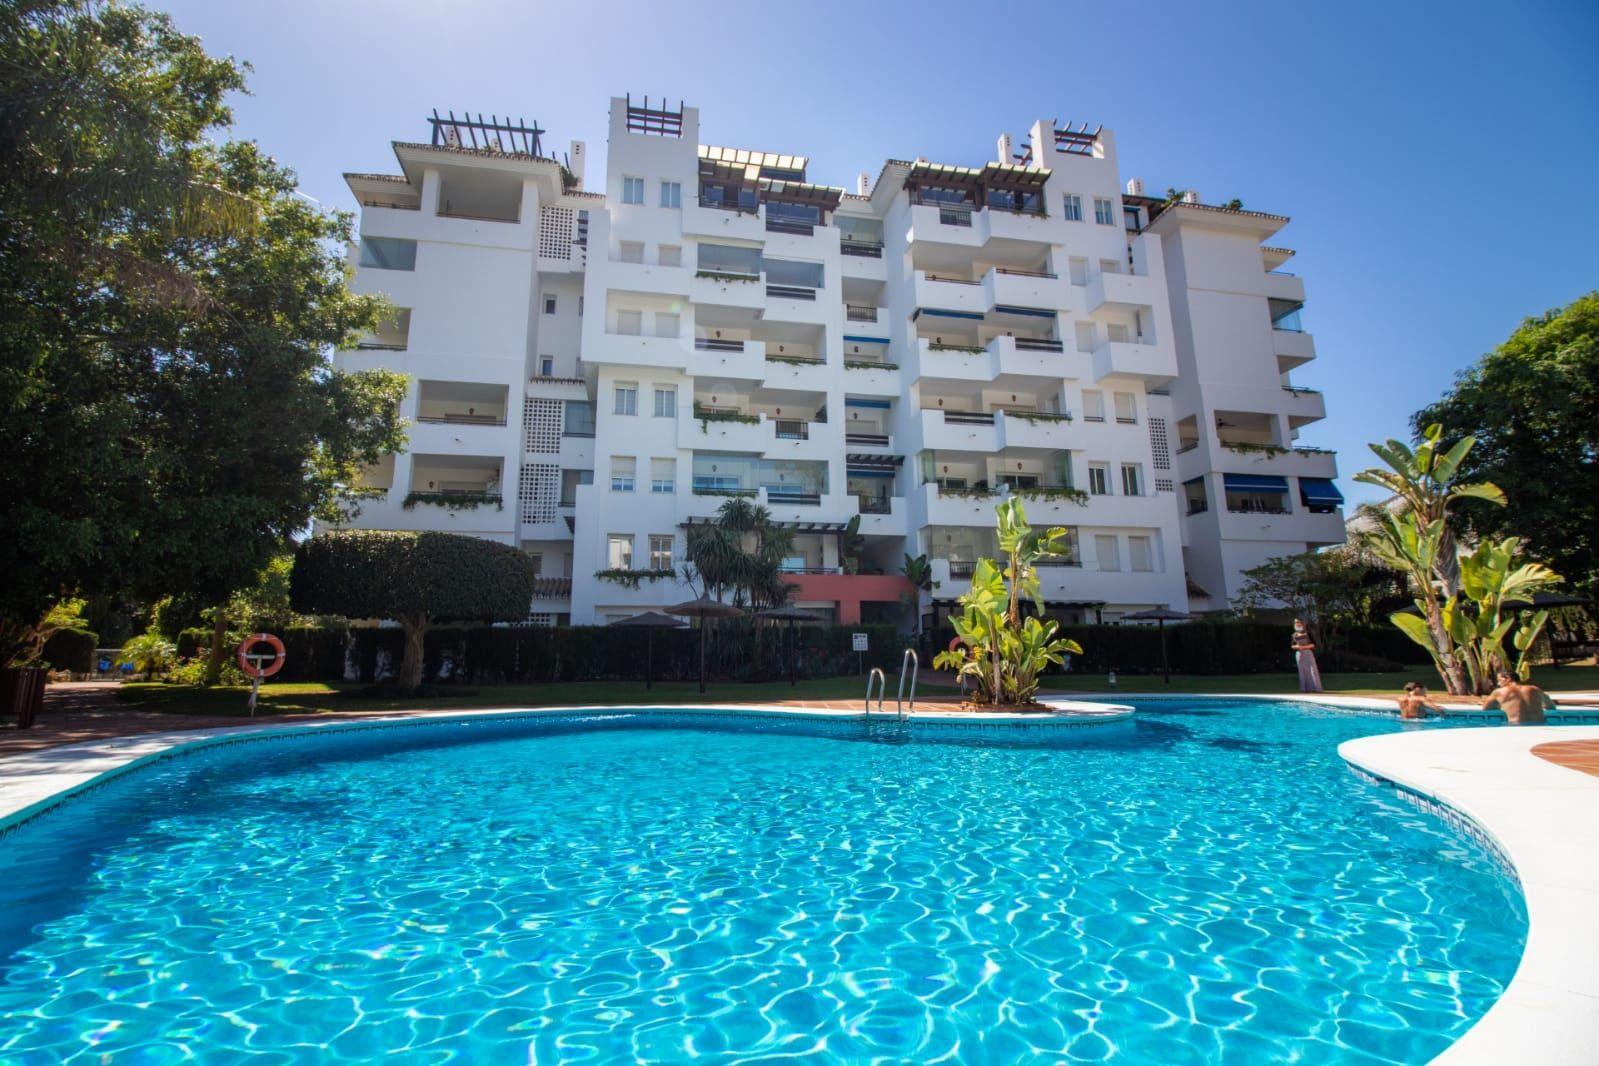 Piso en Marbella, PUERTO BANUS, venta